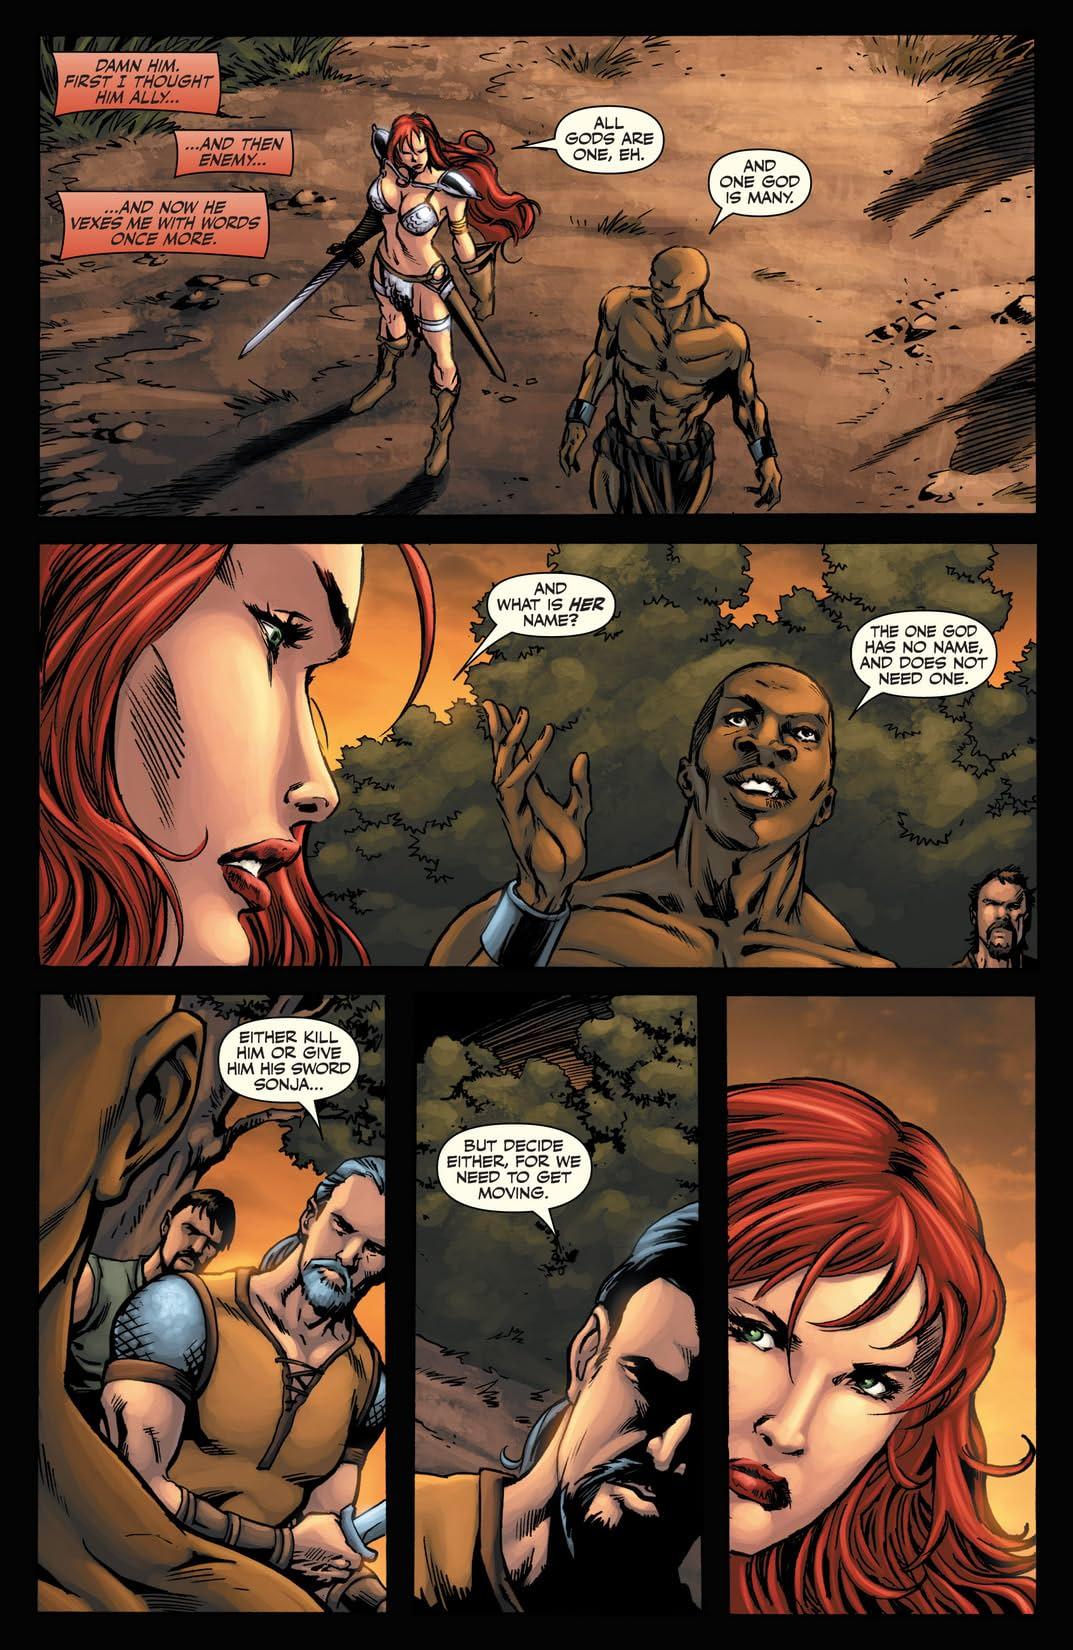 Red Sonja Vs. Thulsa Doom #3 (of 4)